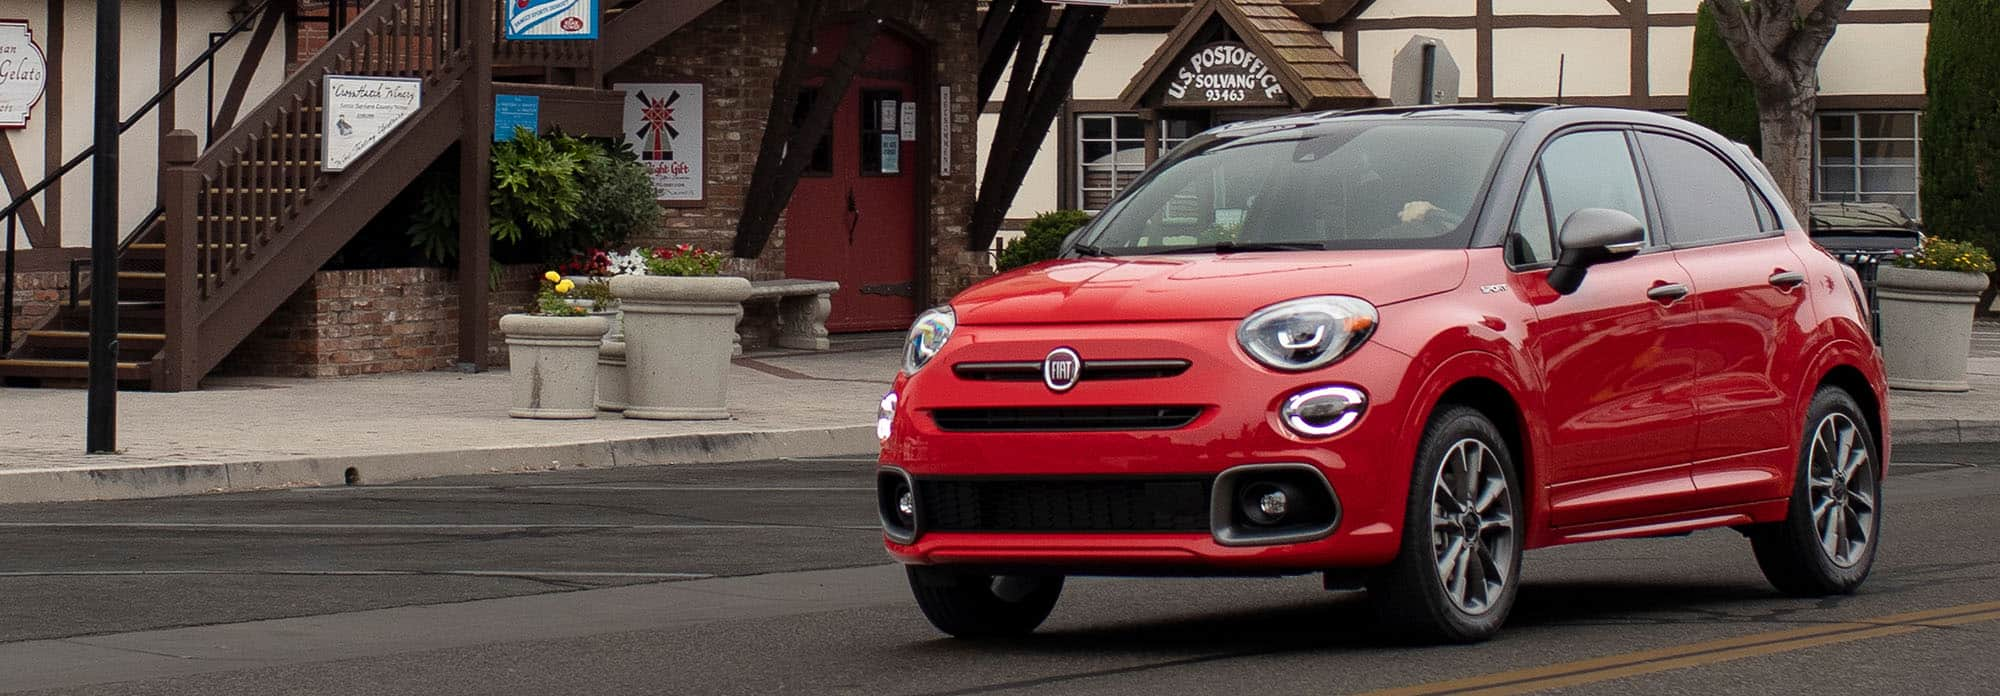 Vista delantera de medio perfil del Fiat 500X Sport 2021 rojo andando por una calle de ciudad frente a una oficina postal.